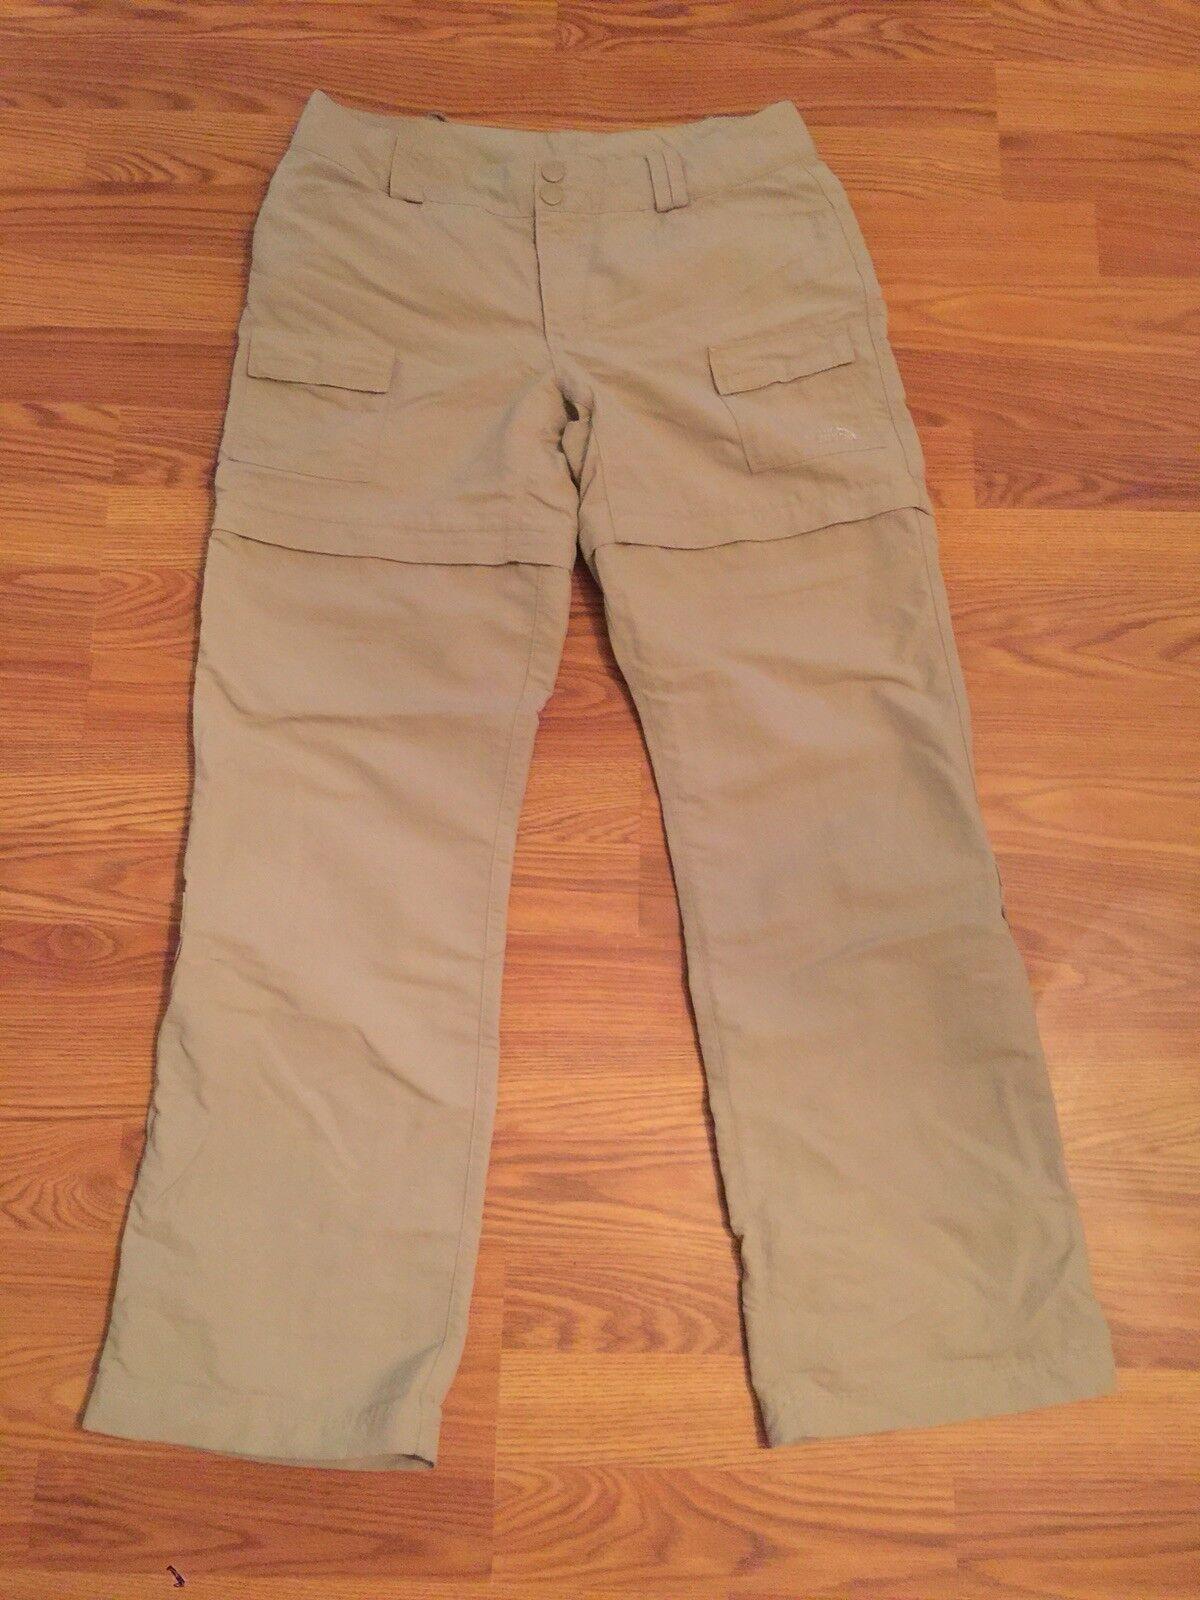 Women's The North Face Nylon Hiking Congreenible Pants Shorts Zipper Khaki 10 Reg